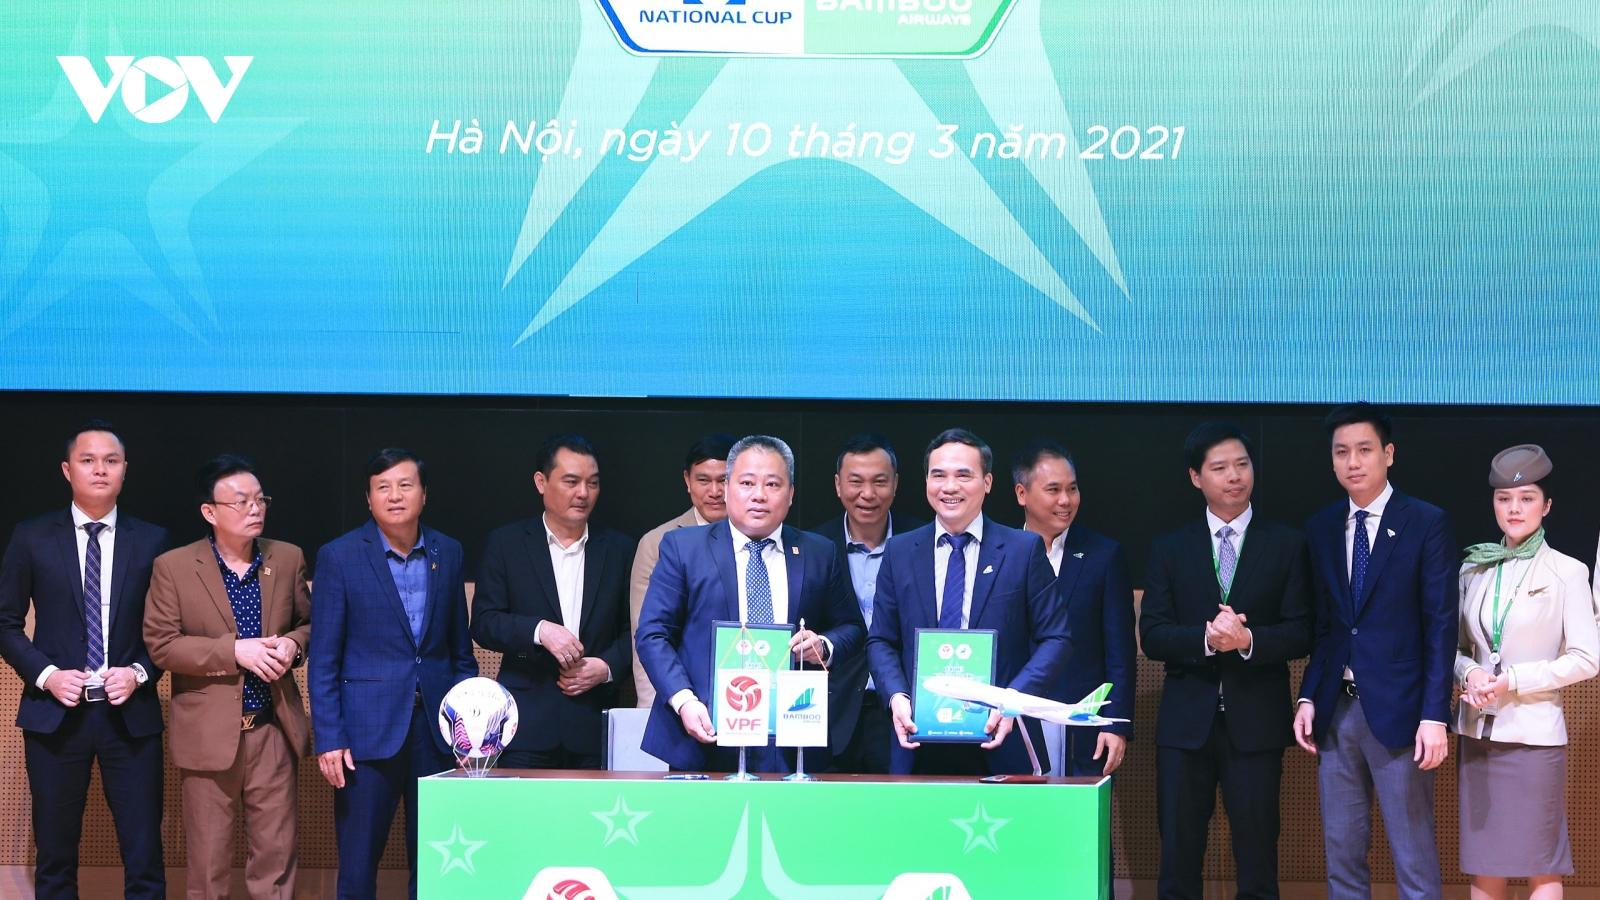 Cúp Quốc gia 2021 đón nhà tài trợ chính quen thuộc